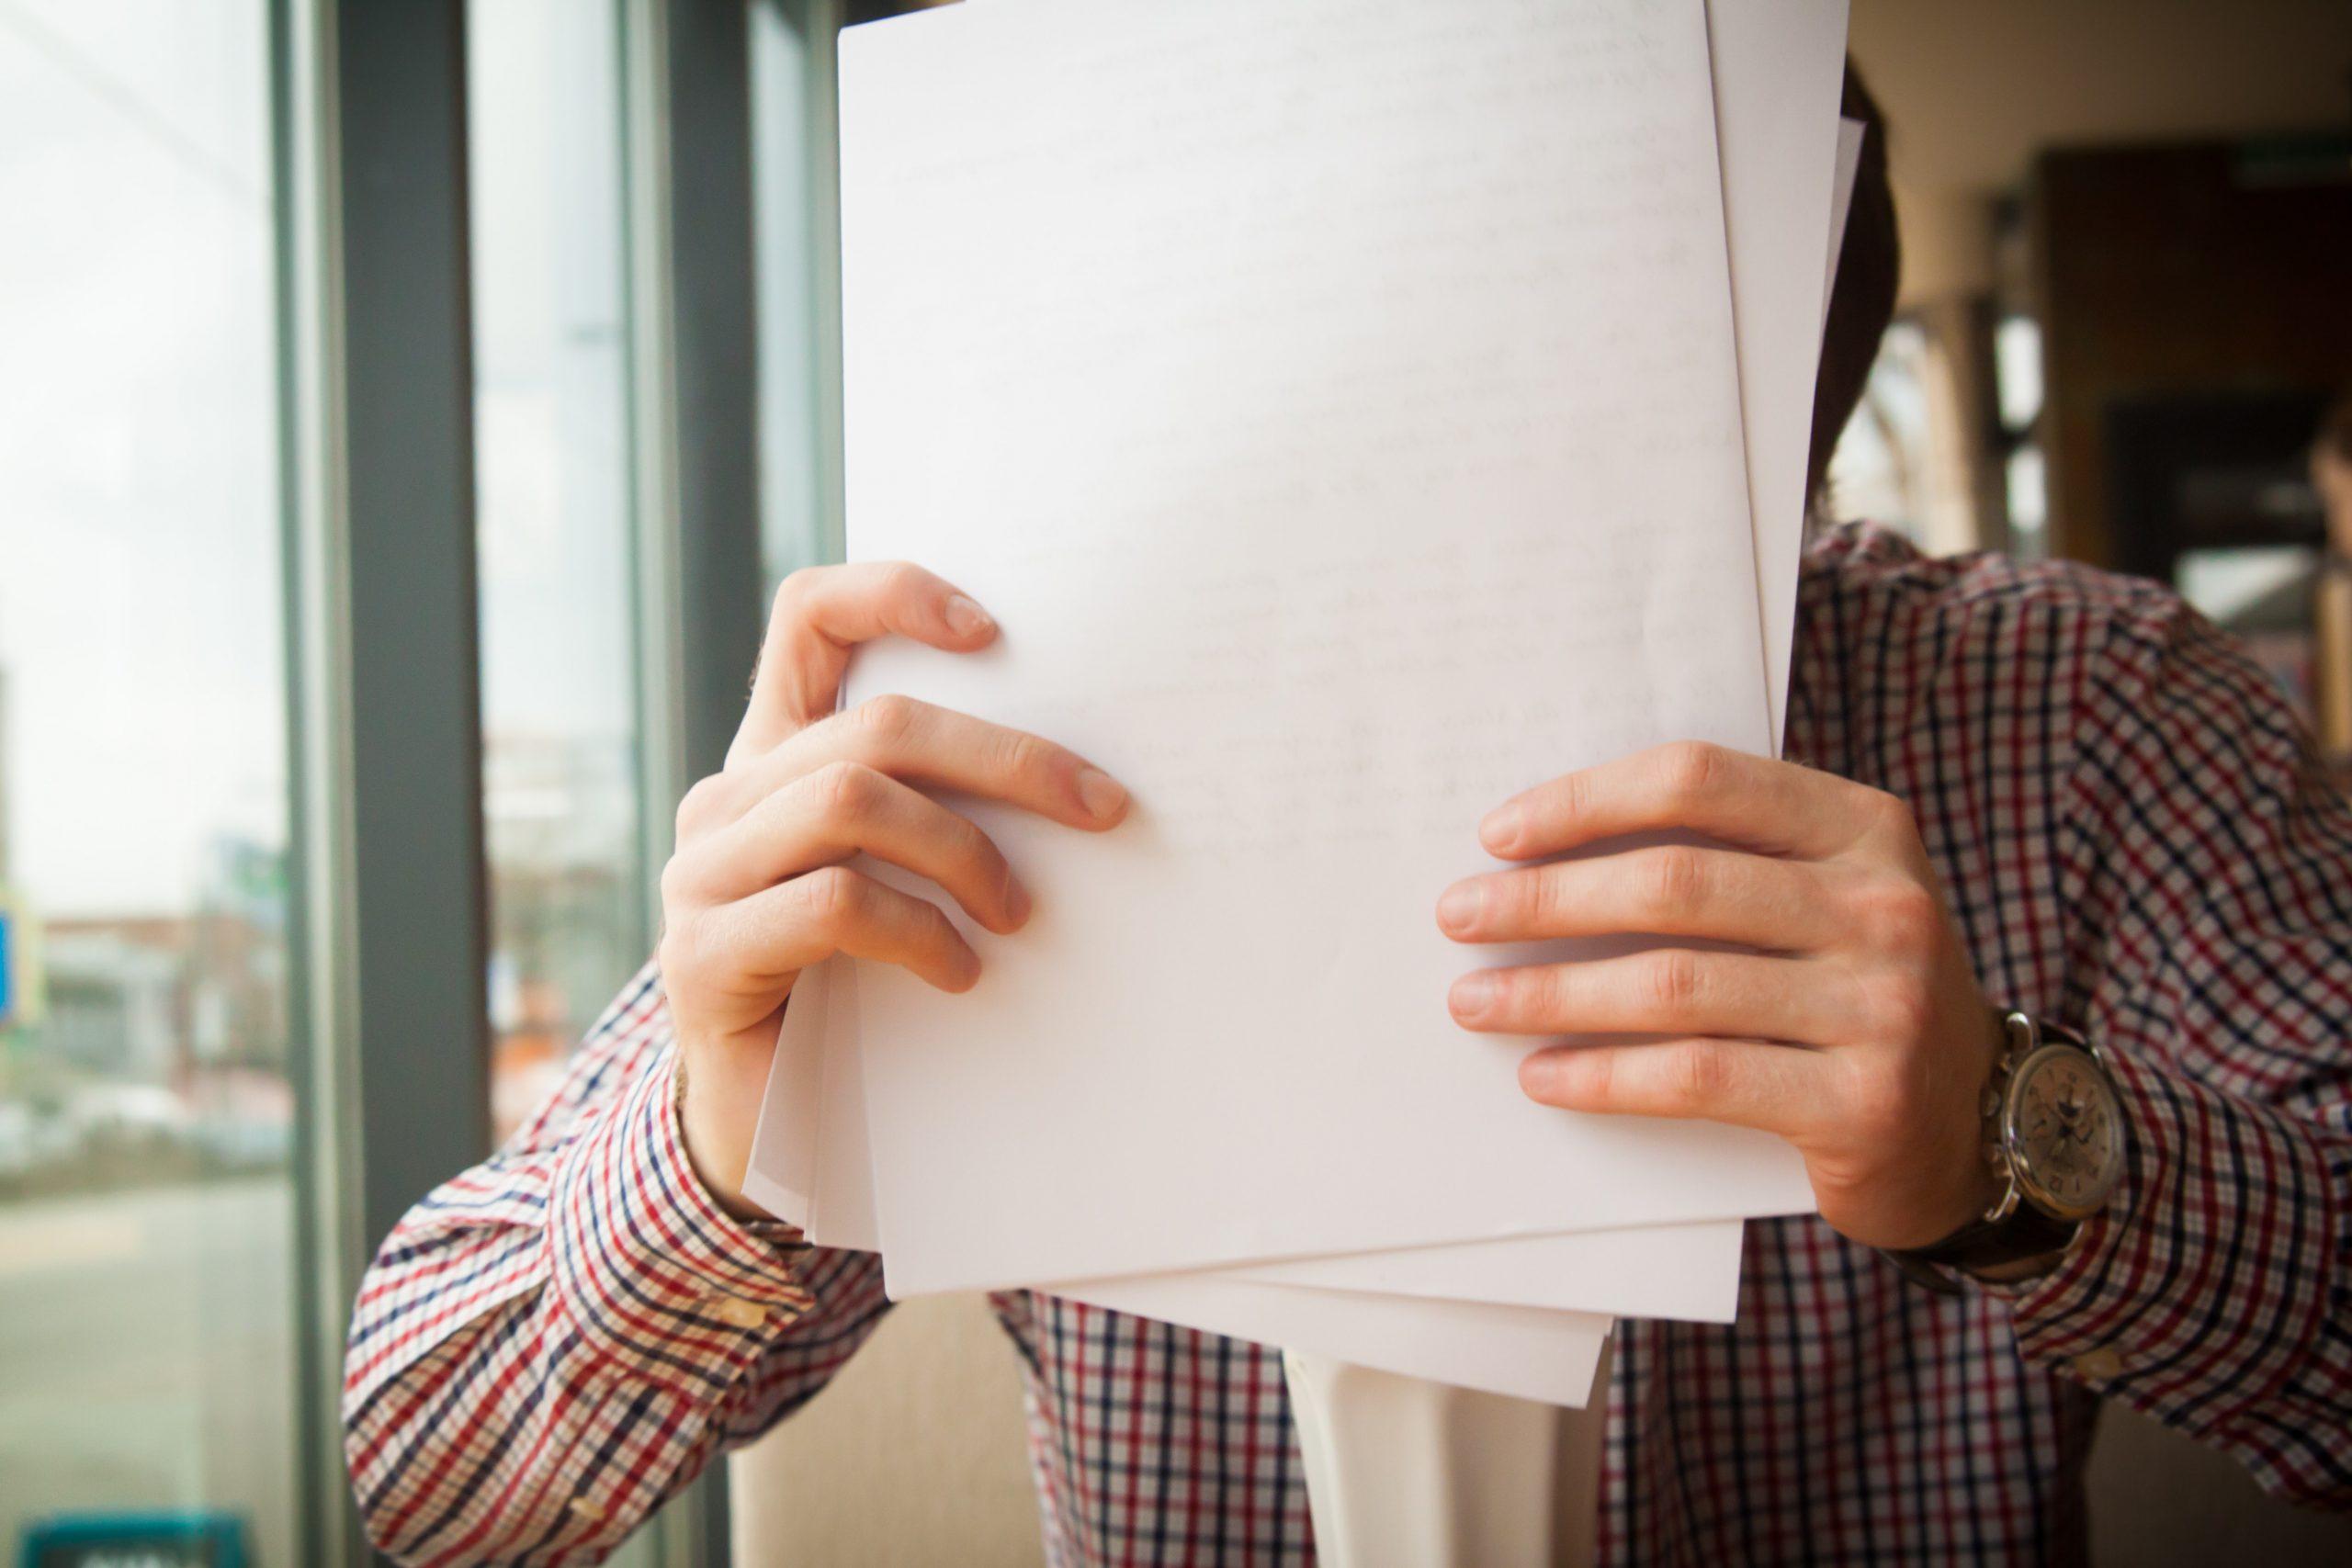 約款に違反した場合はどうなる?不当な契約についても解説